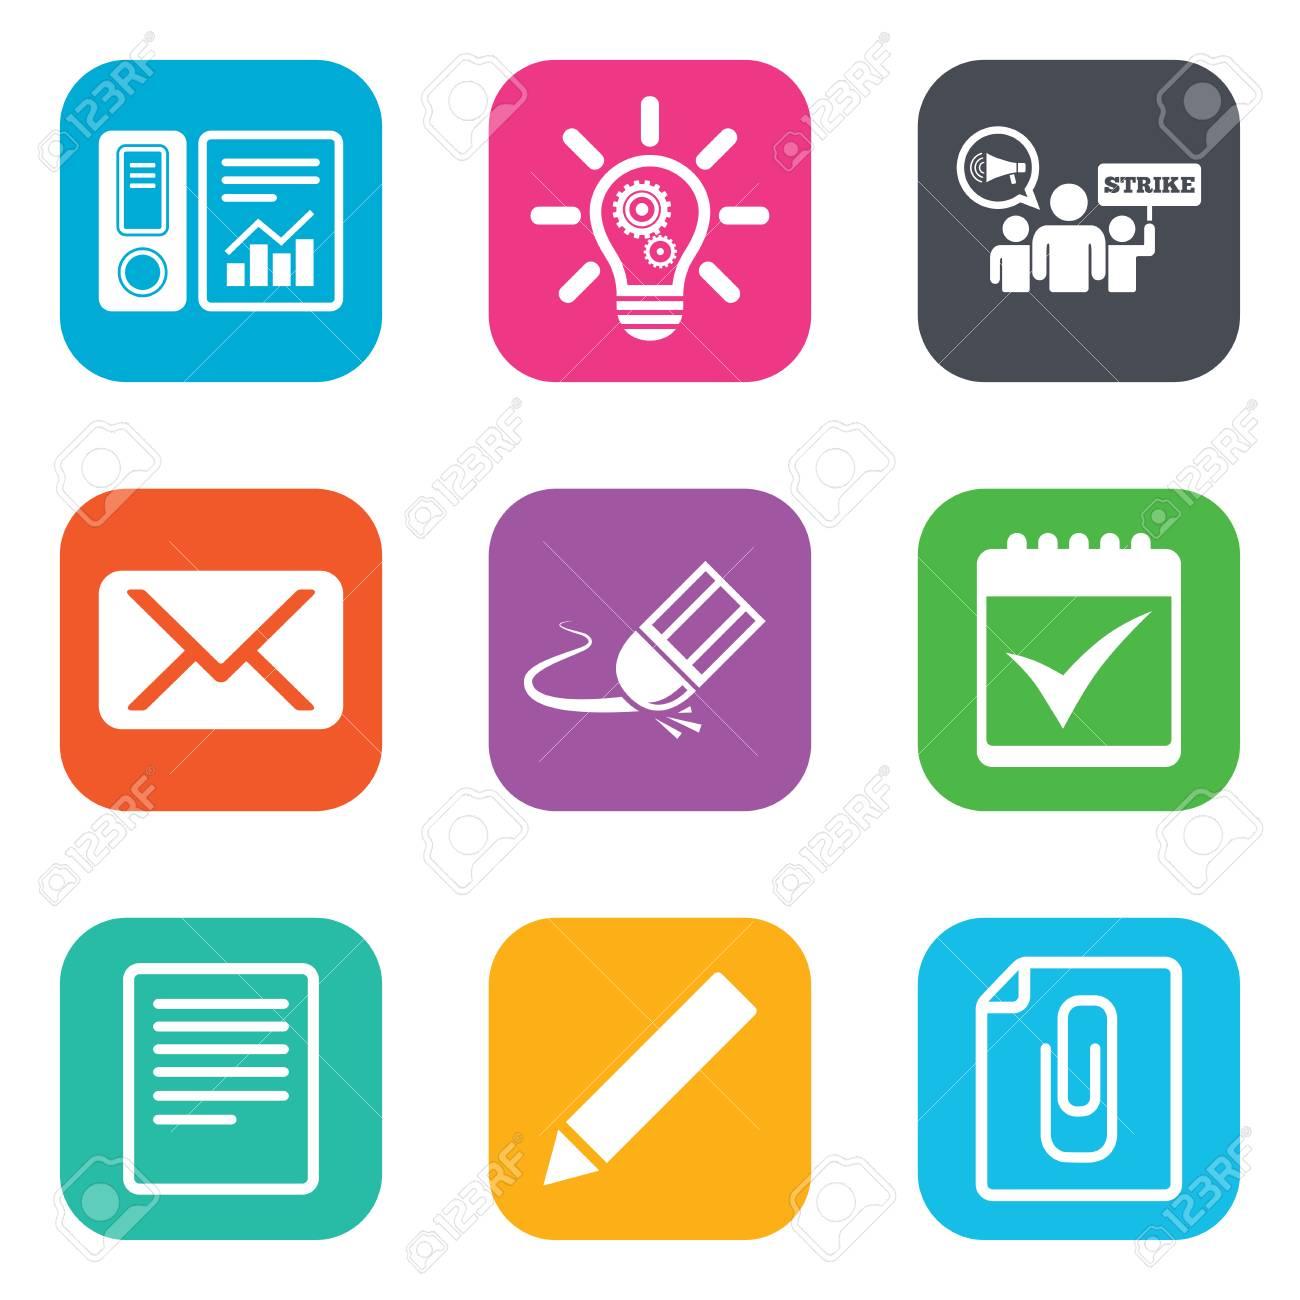 Calendario Segni.Office Documenti E Icone Del Mondo Contabilita Sciopero E Del Calendario Segni Mail Idee E Simboli Statistiche Piatti Pulsanti Quadrati Vettore